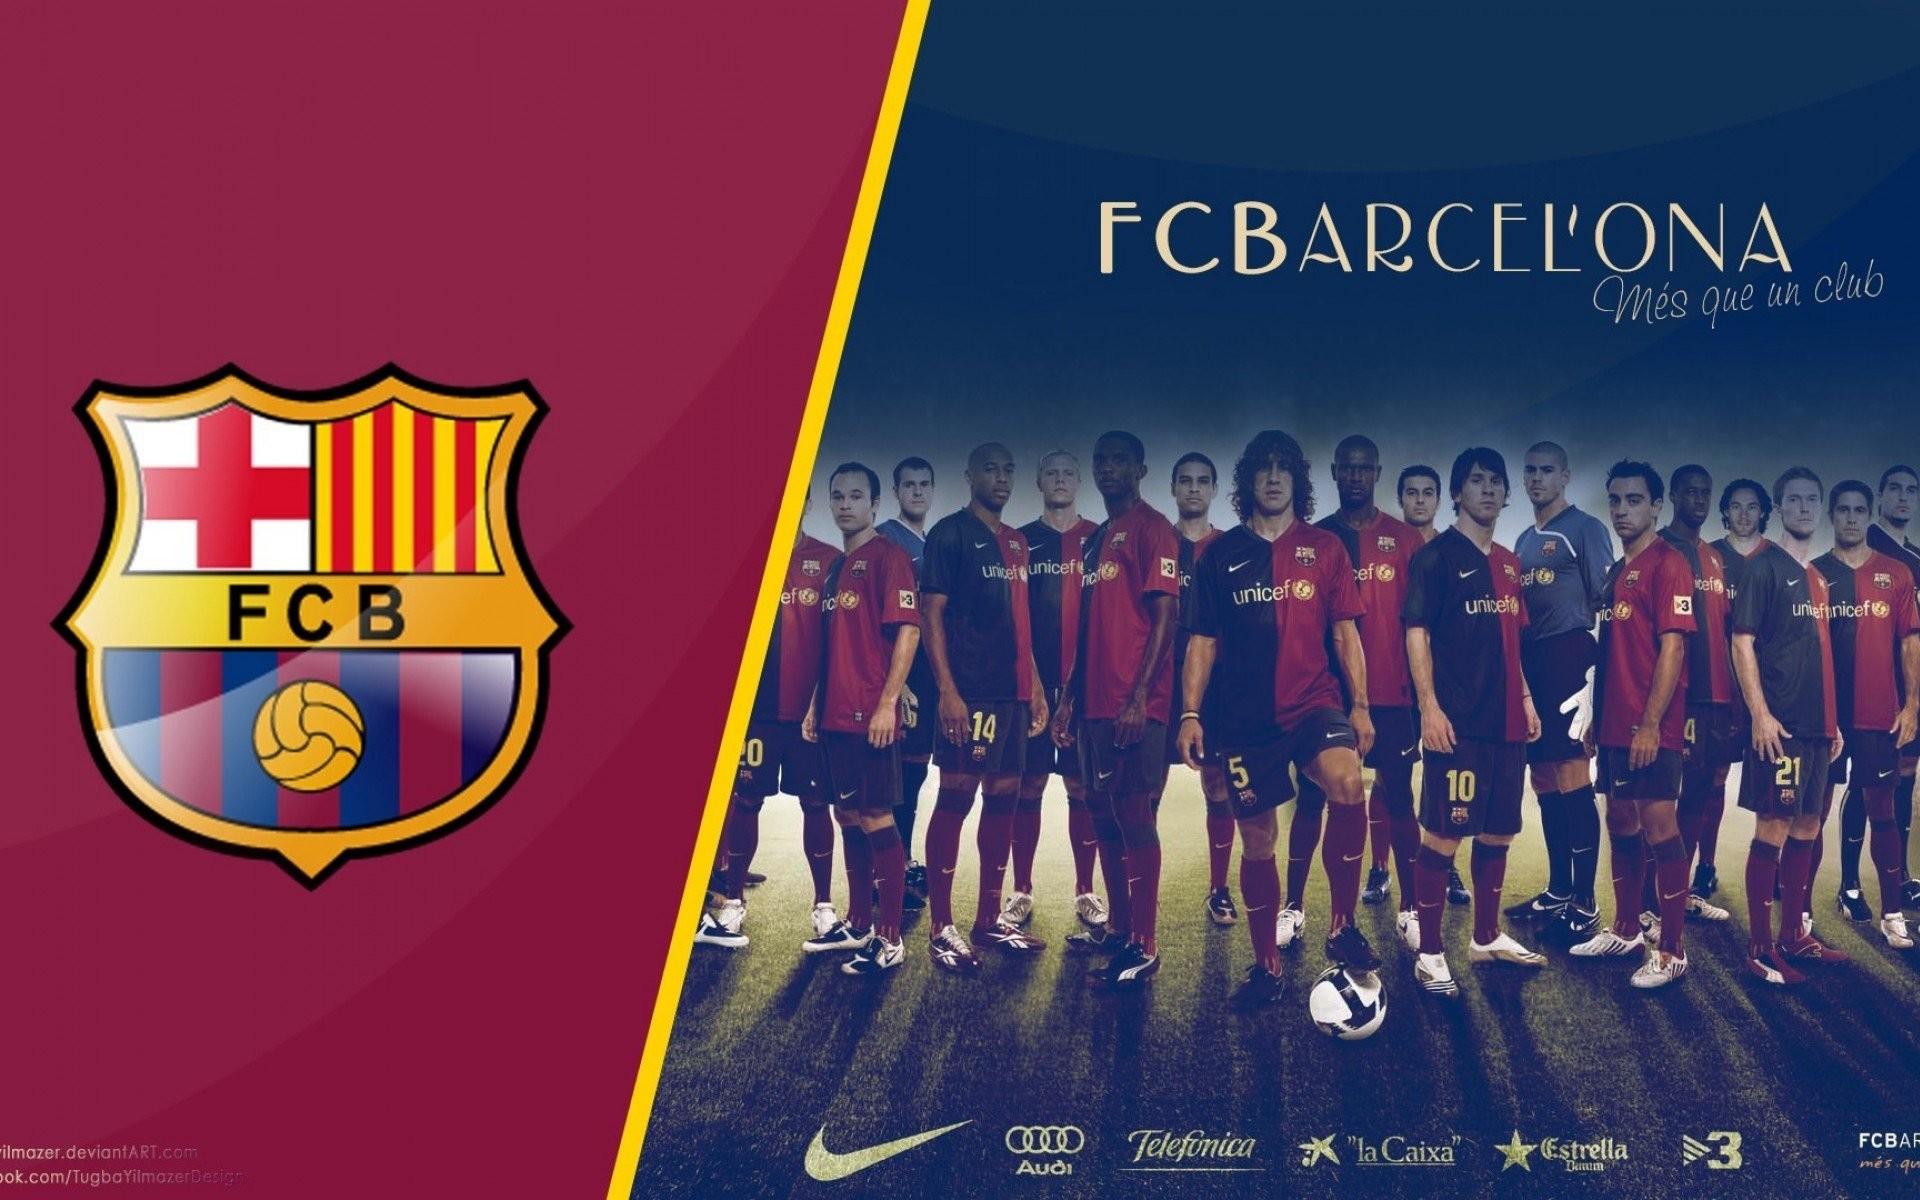 … barcelona wallpaper 2017 live wallpaper hd …